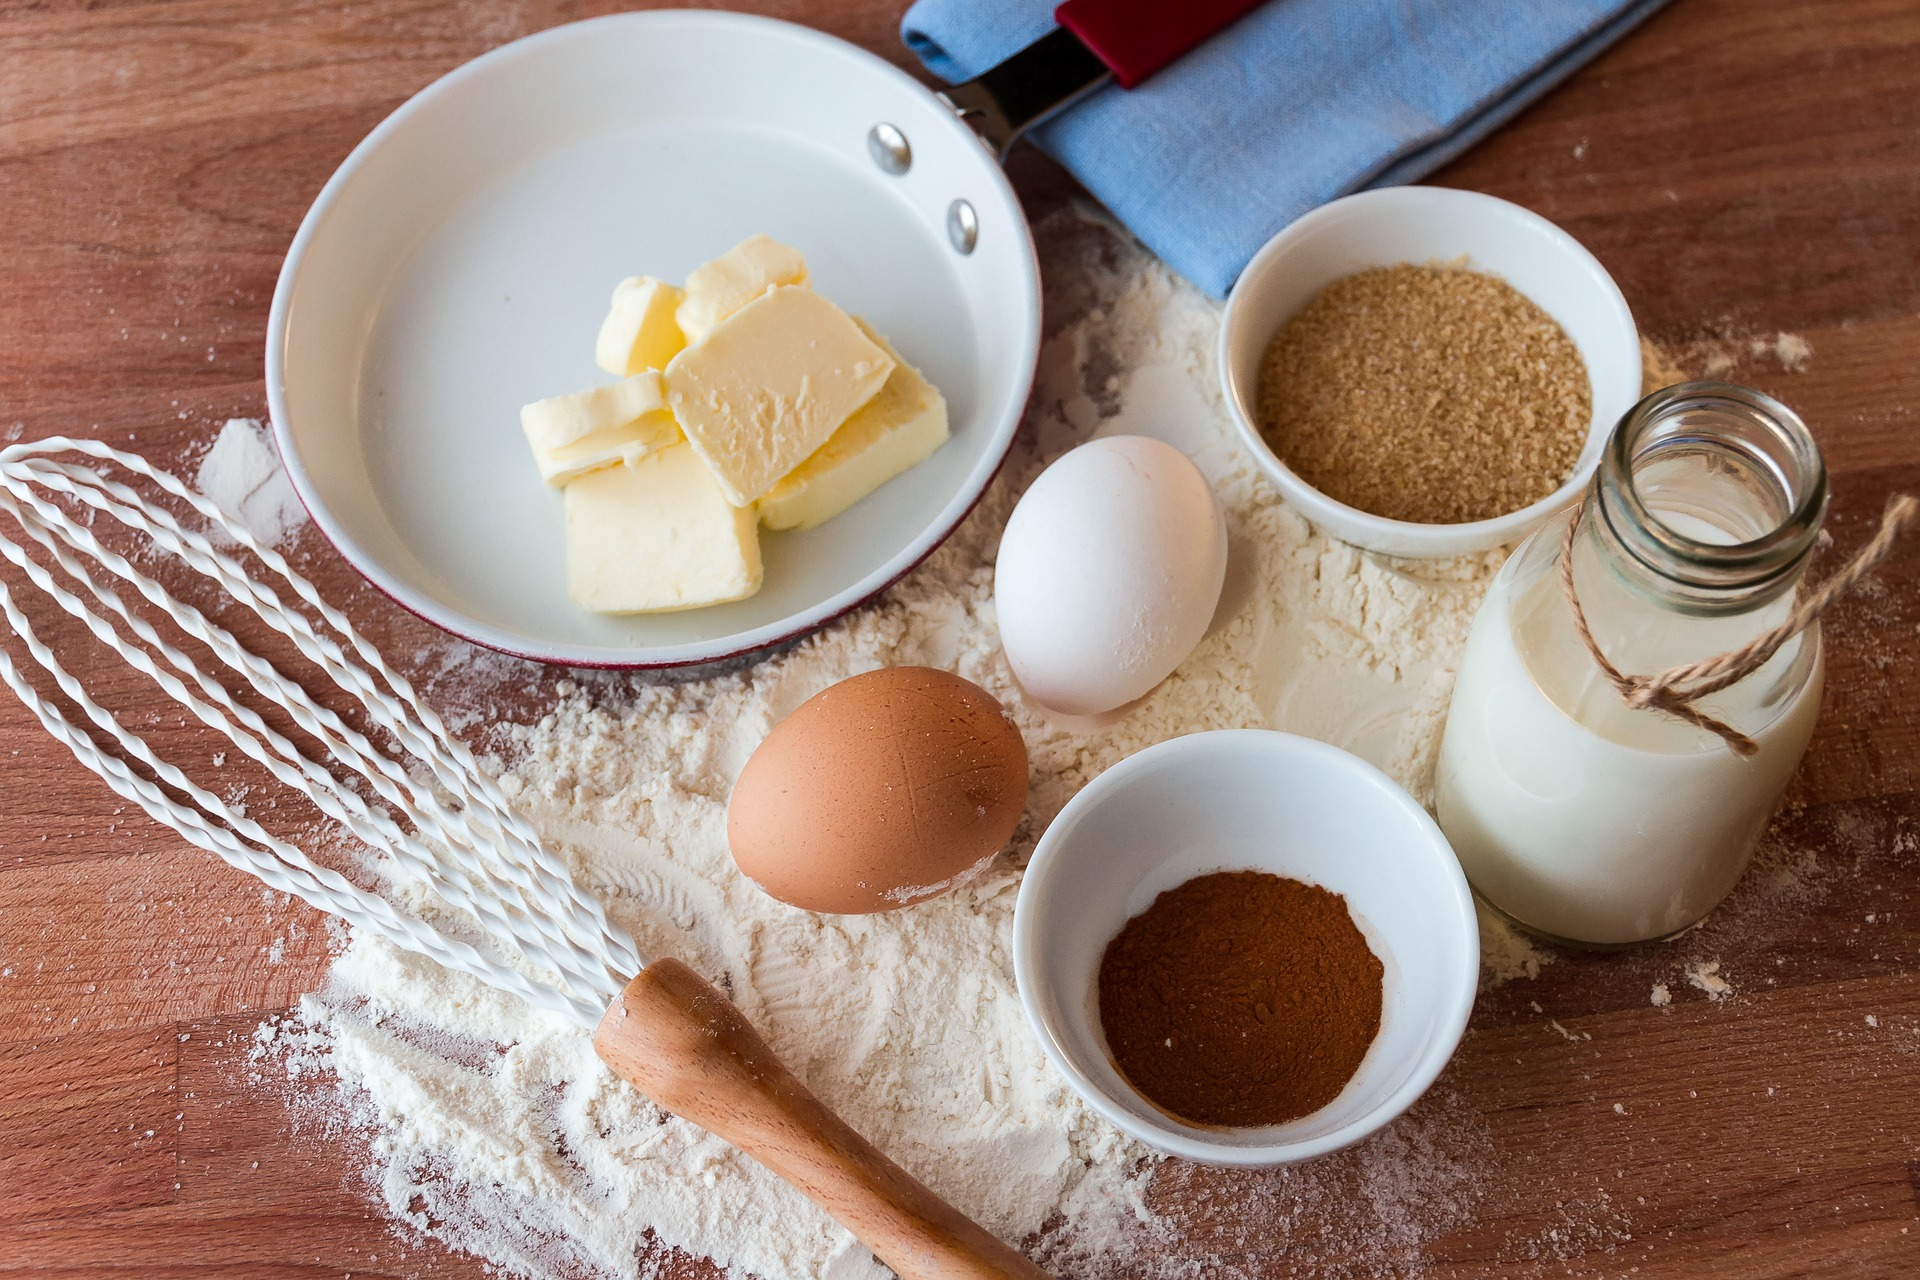 La pastelería artesana está sustituyendo poco a poco a la industrial